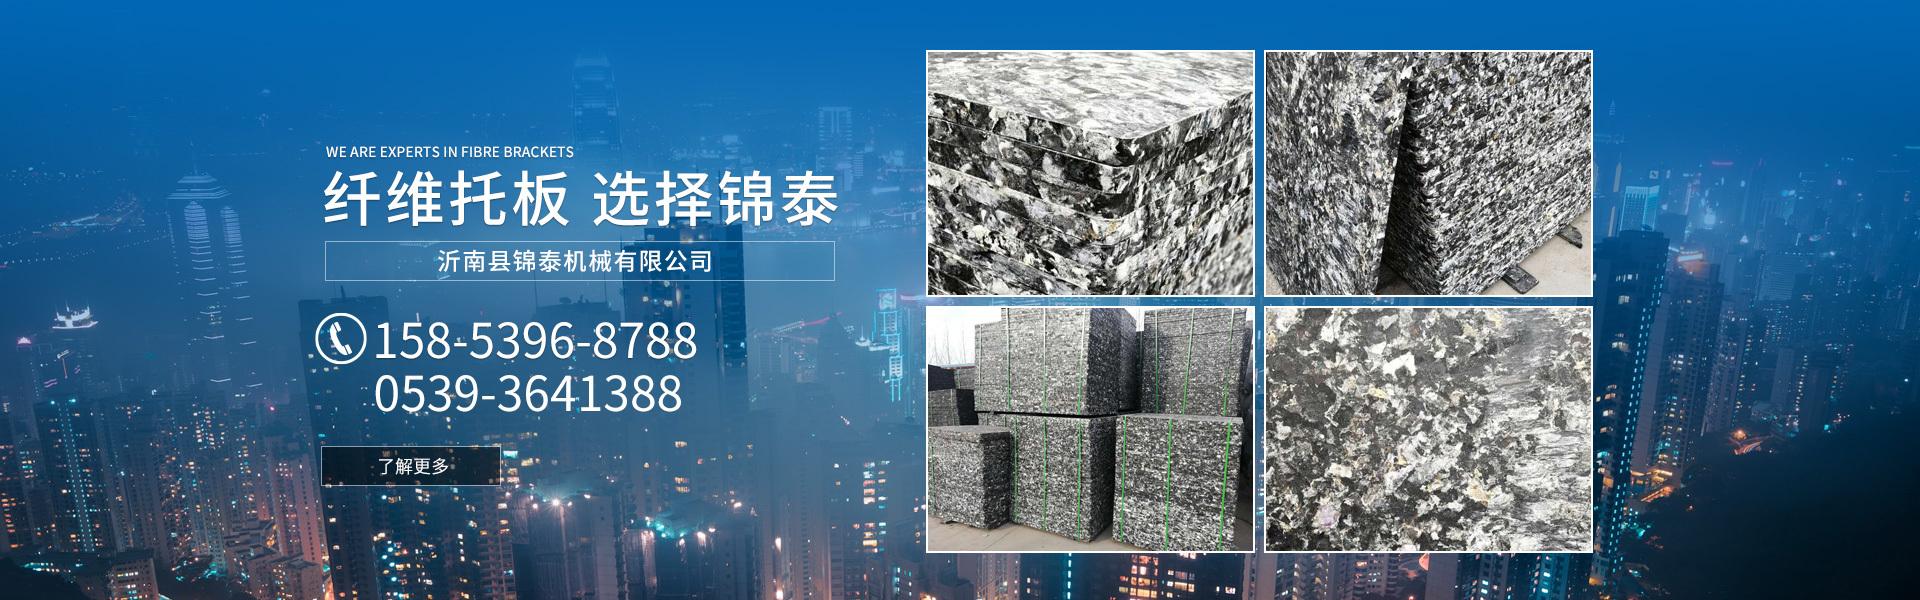 砖机托板,纤维托板厂家,砖机纤维托板,GMT纤维托板